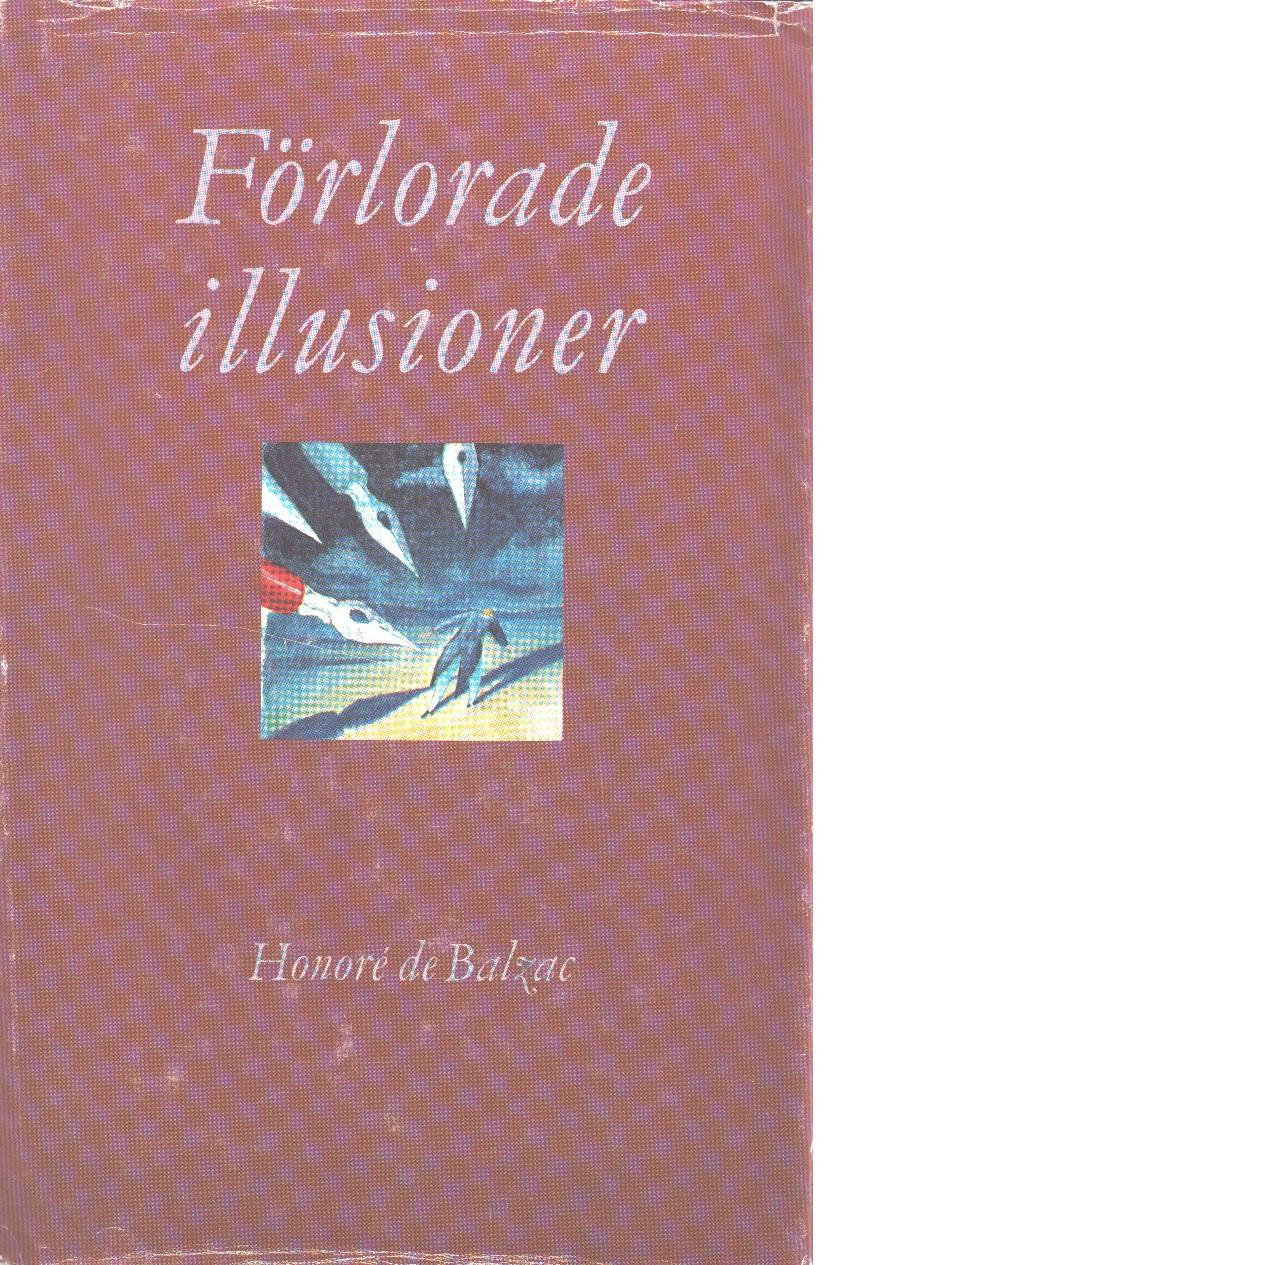 Förlorade illusioner - Balzac, Honoré de